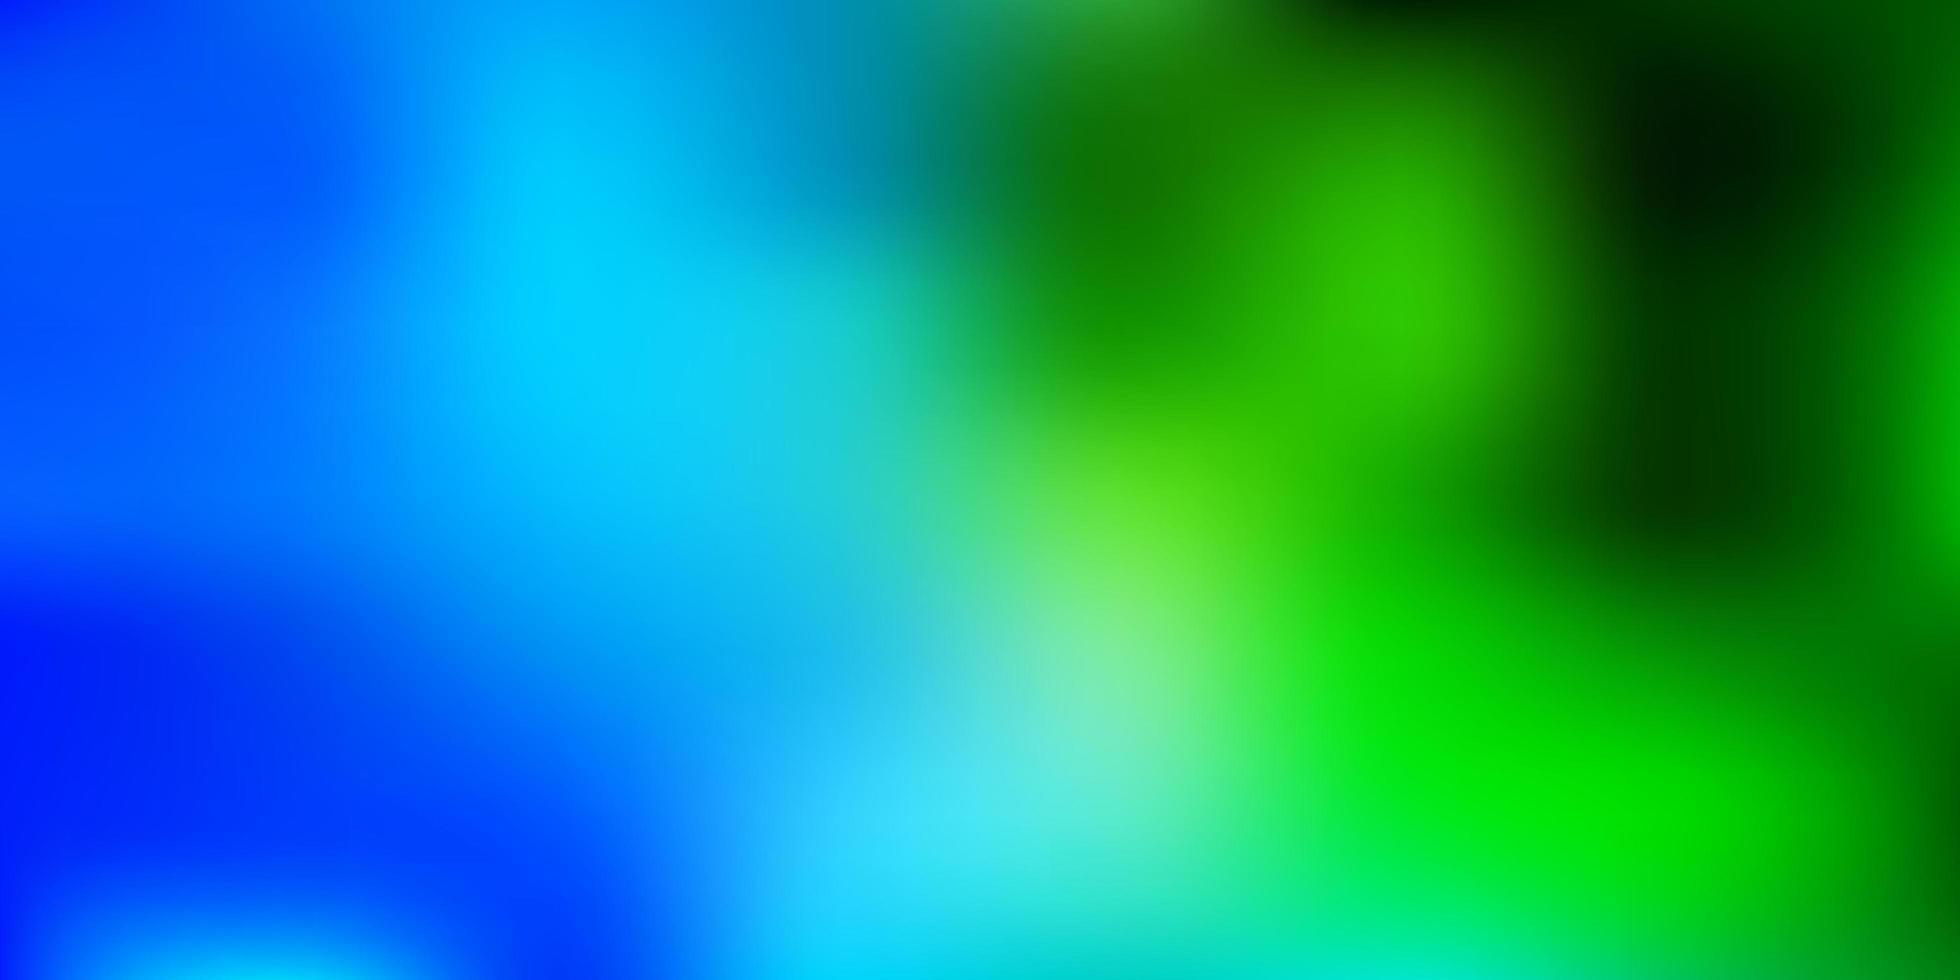 textura desfocada vetor verde azul claro